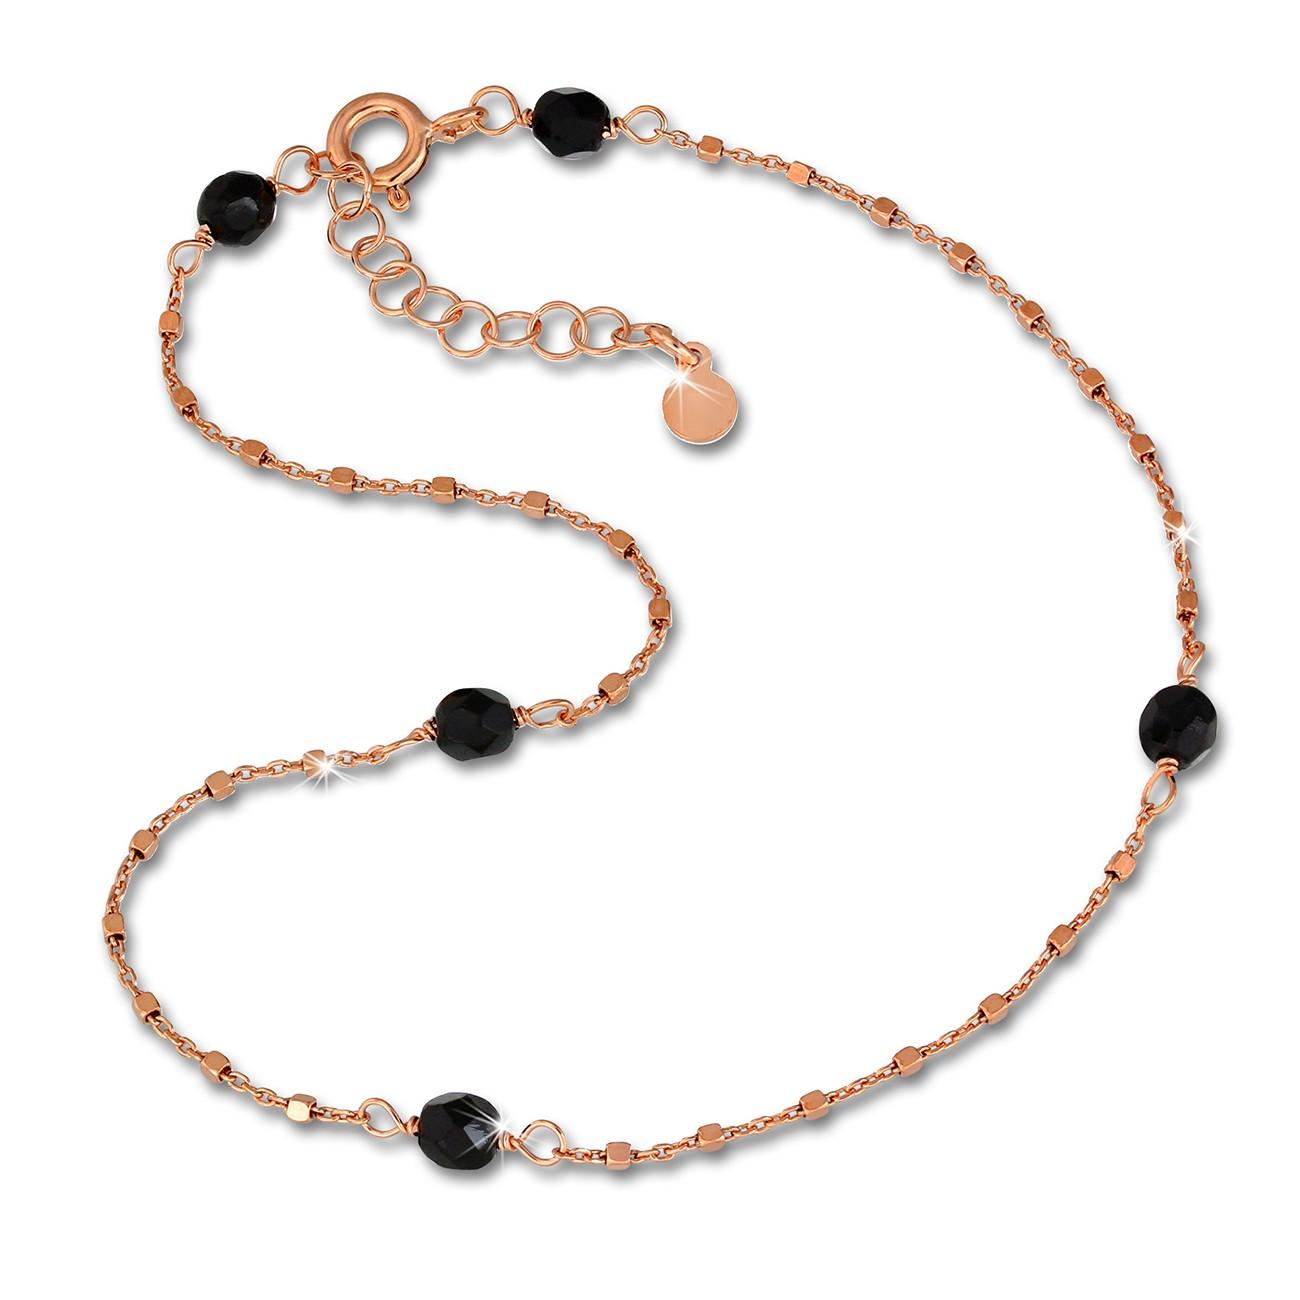 SilberDream Fußkette Perlen schwarz rosevergoldet 27cm 925er Silber SDF2234E